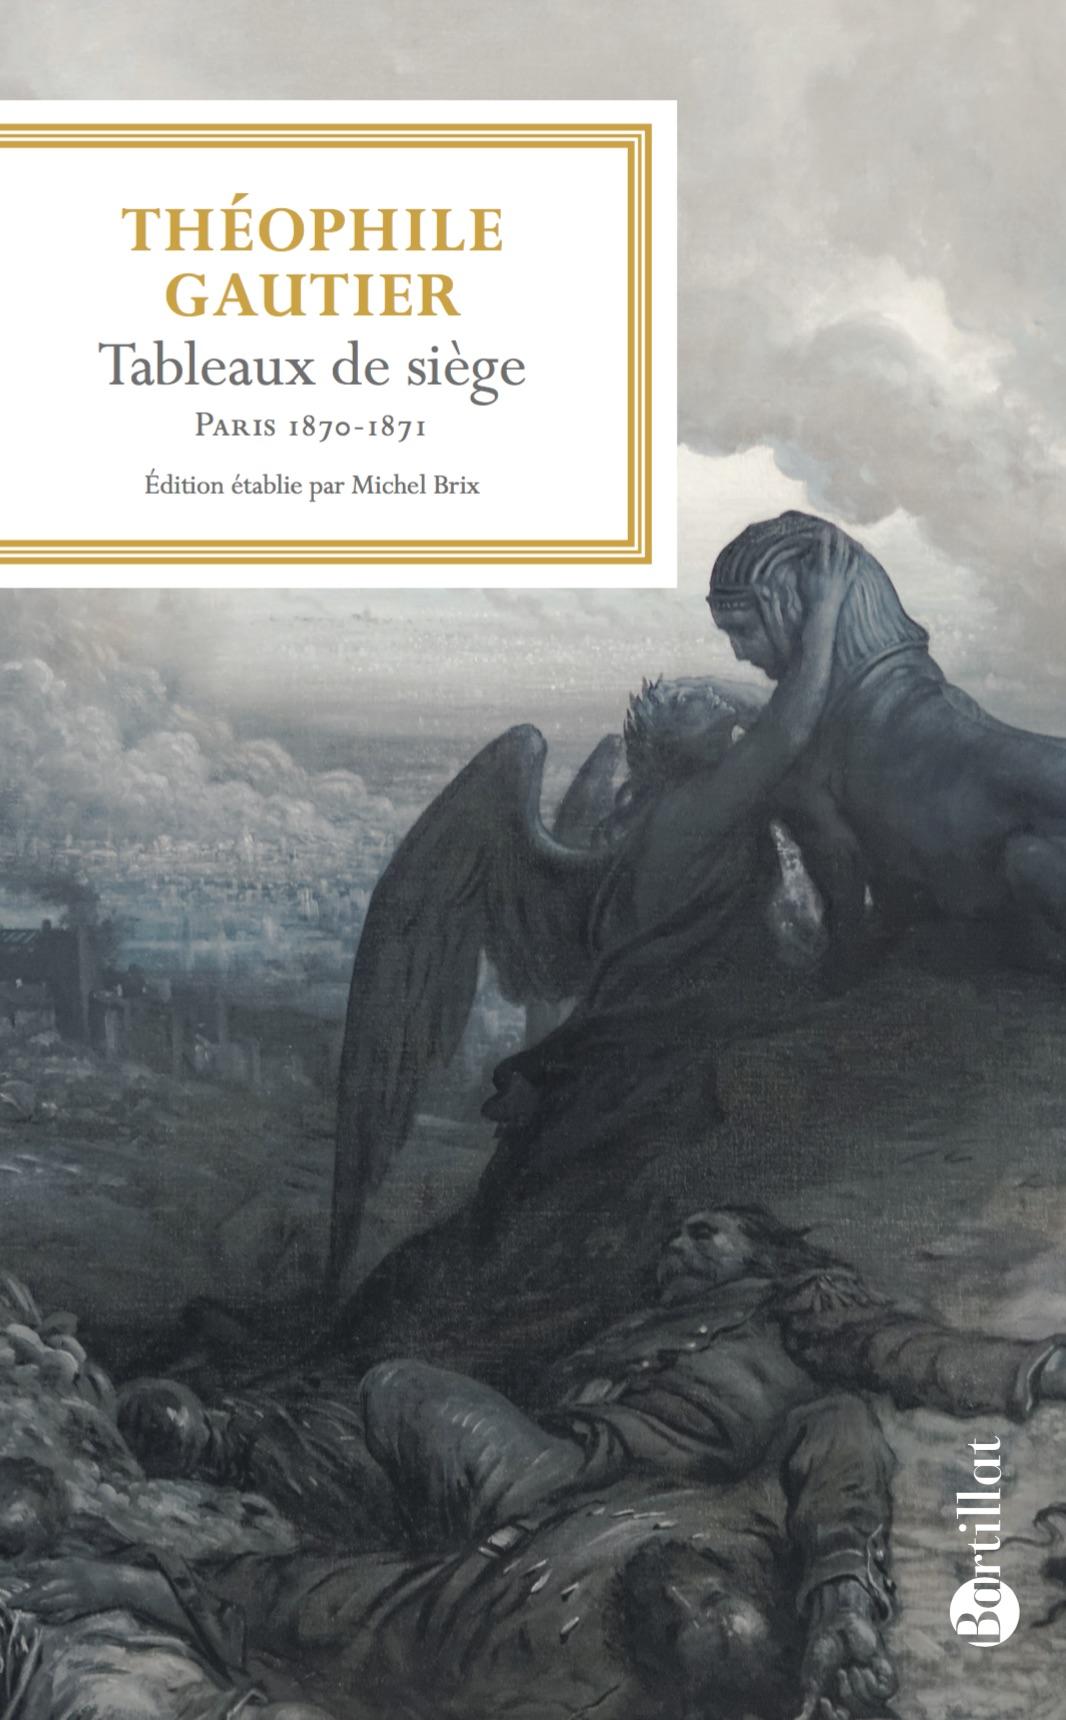 Th. Gautier, Tableaux de siège (éd. M. Brix)